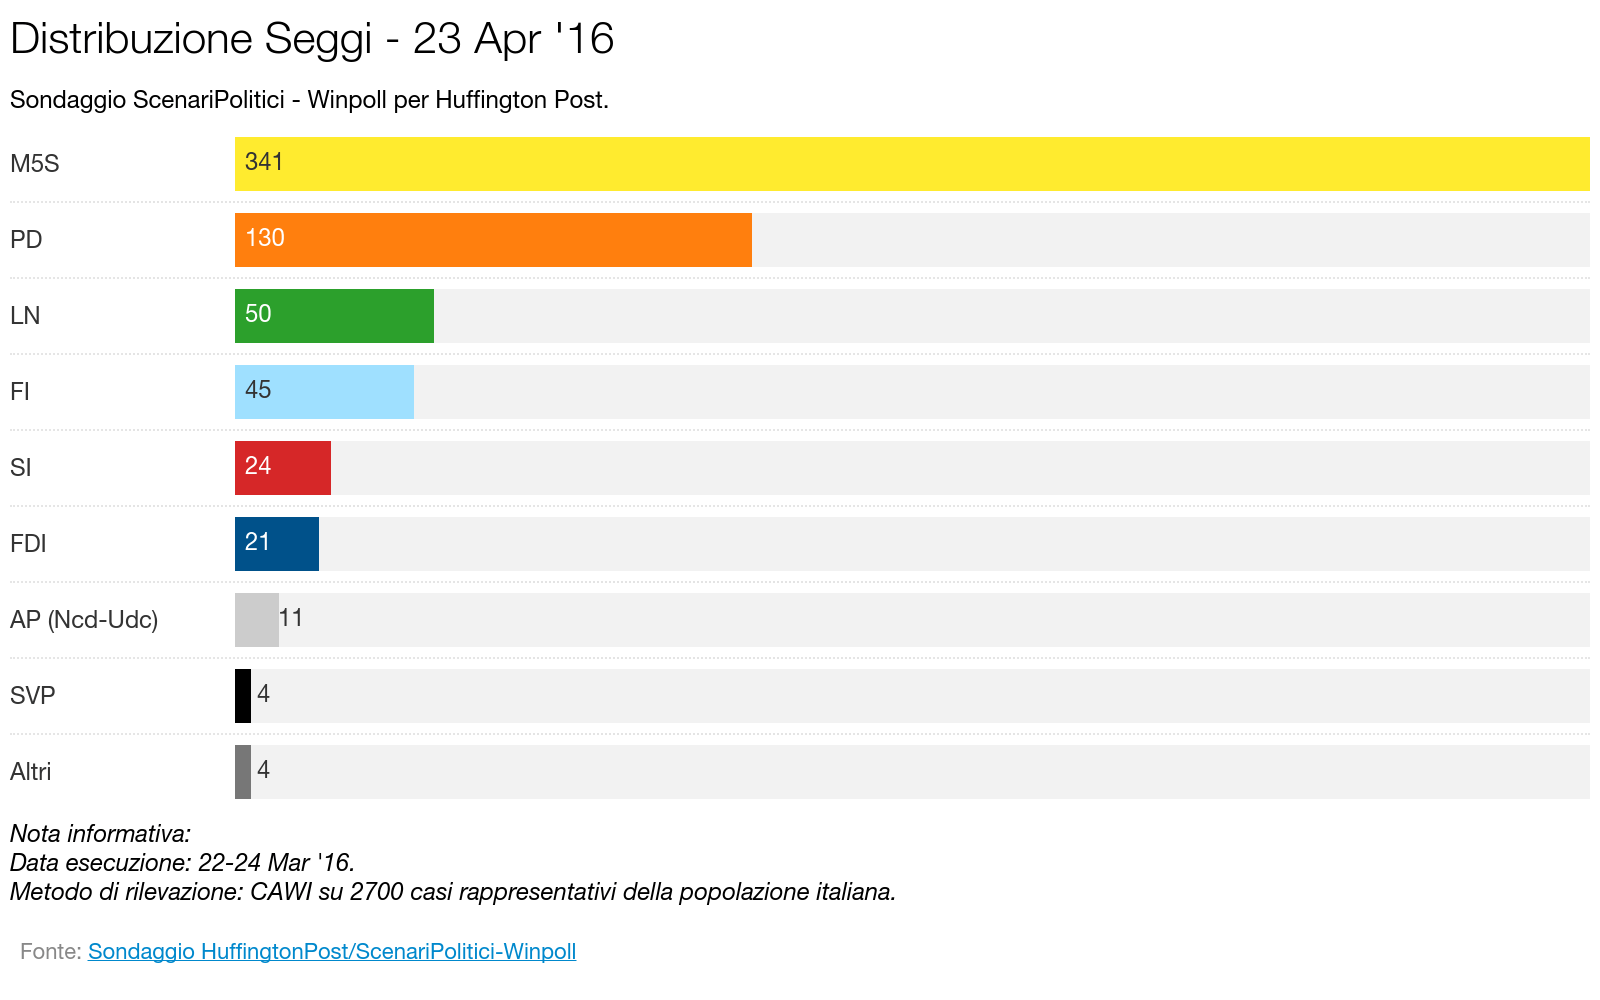 Sondaggio SCENARI POLITICI – WINPOLL 23 Aprile 2016